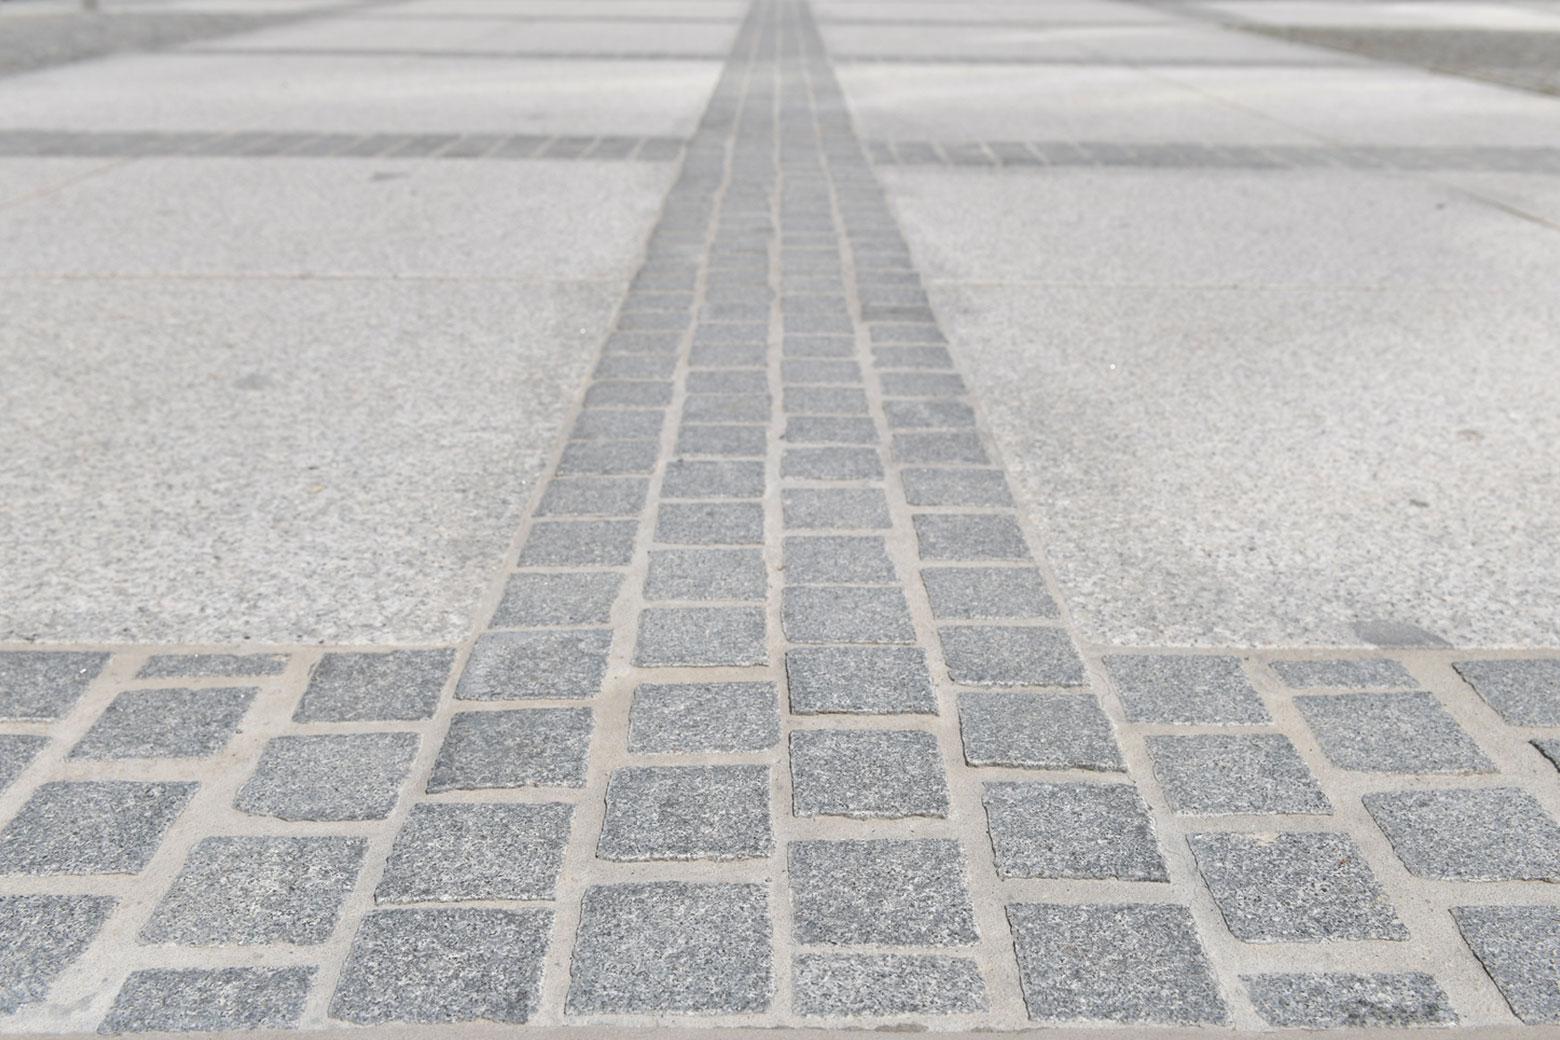 Neben der Sanierung des Gebäudes und des Tiefgaragendaches war auch die gesamte öffentliche Fläche vor dem Bayerischen Staatsministerium, München zu pflastern. Eine fachliche und logistische Herausforderung. SAKRET war als Beratungspartner für den Außenbereich und als System-Hersteller für die gebundene Bauweise am Projekt beteiligt.